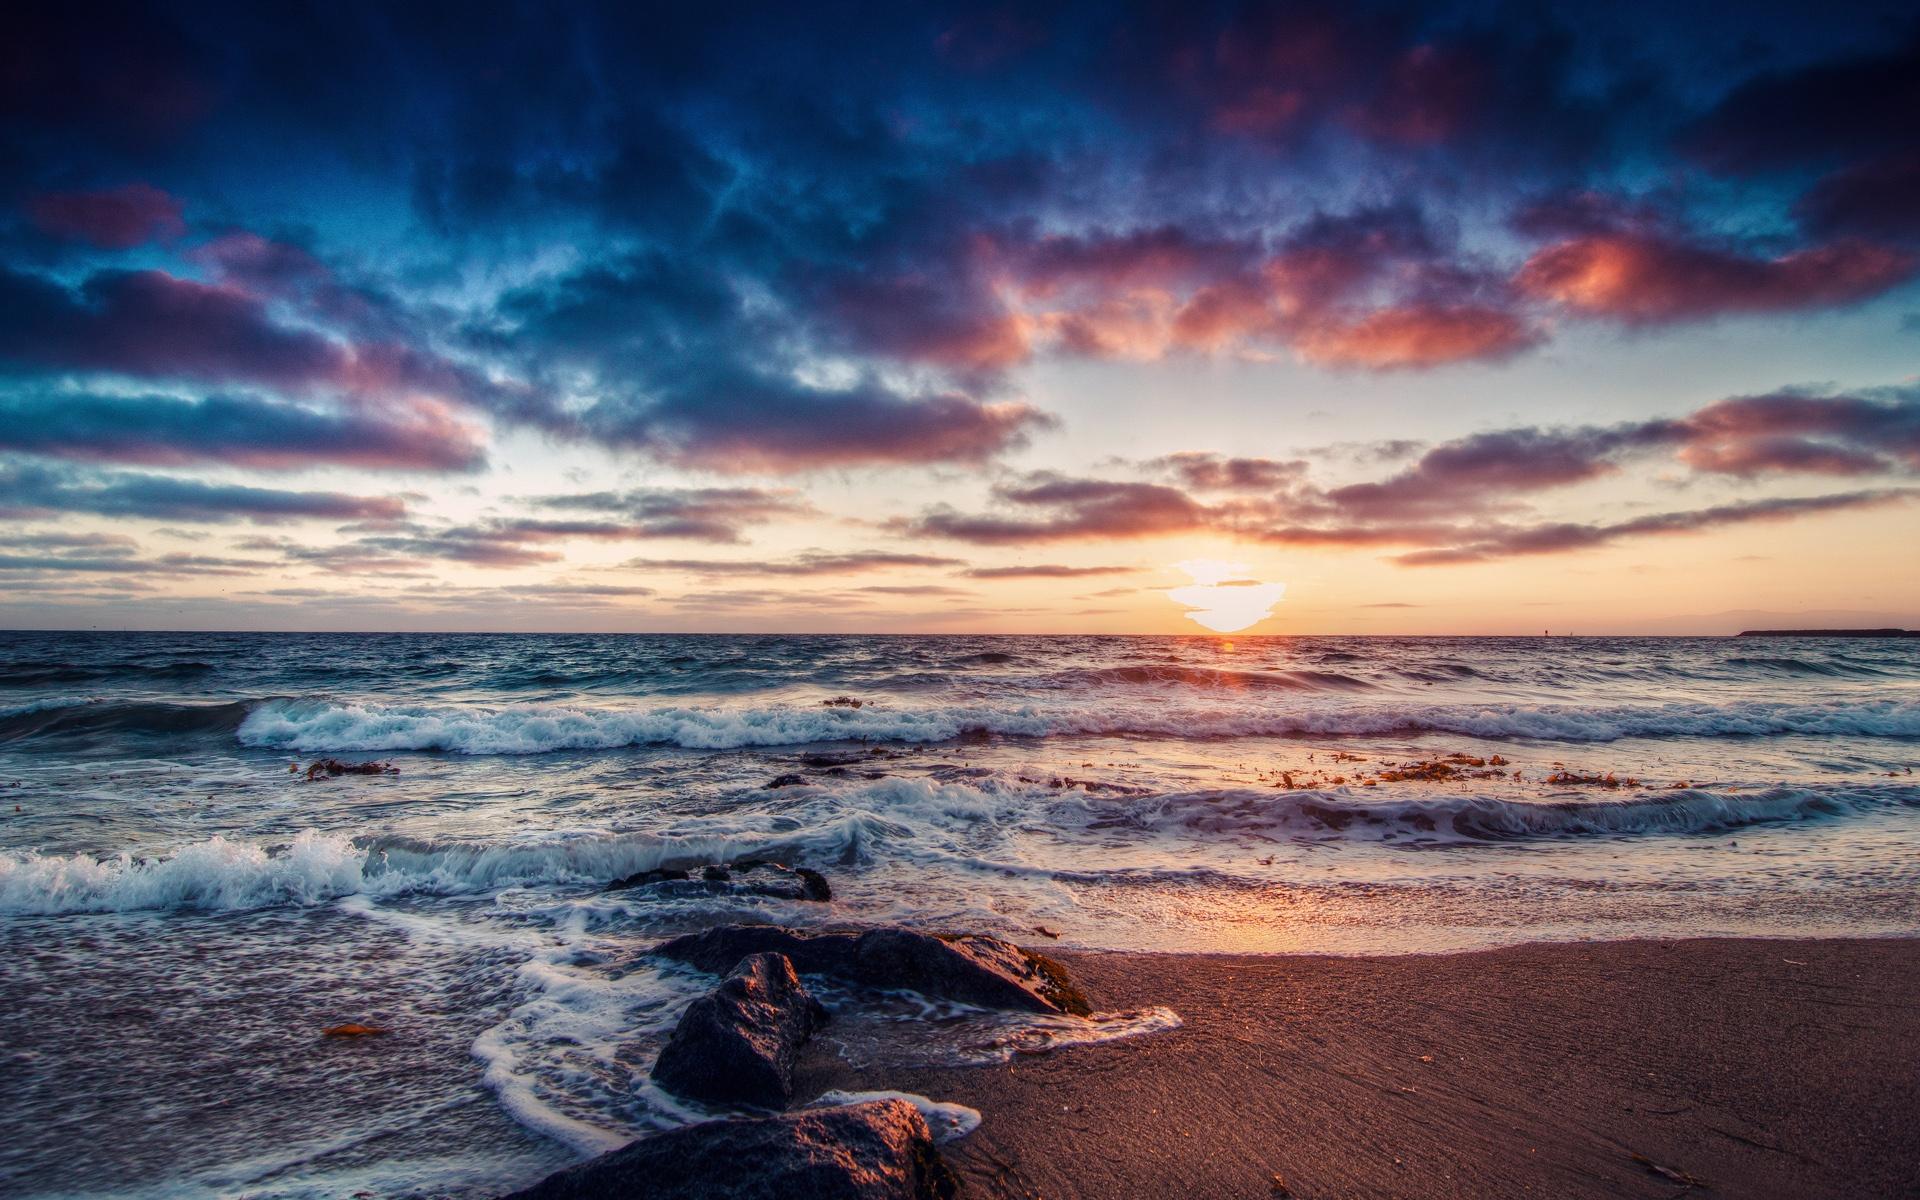 берег закат море скачать